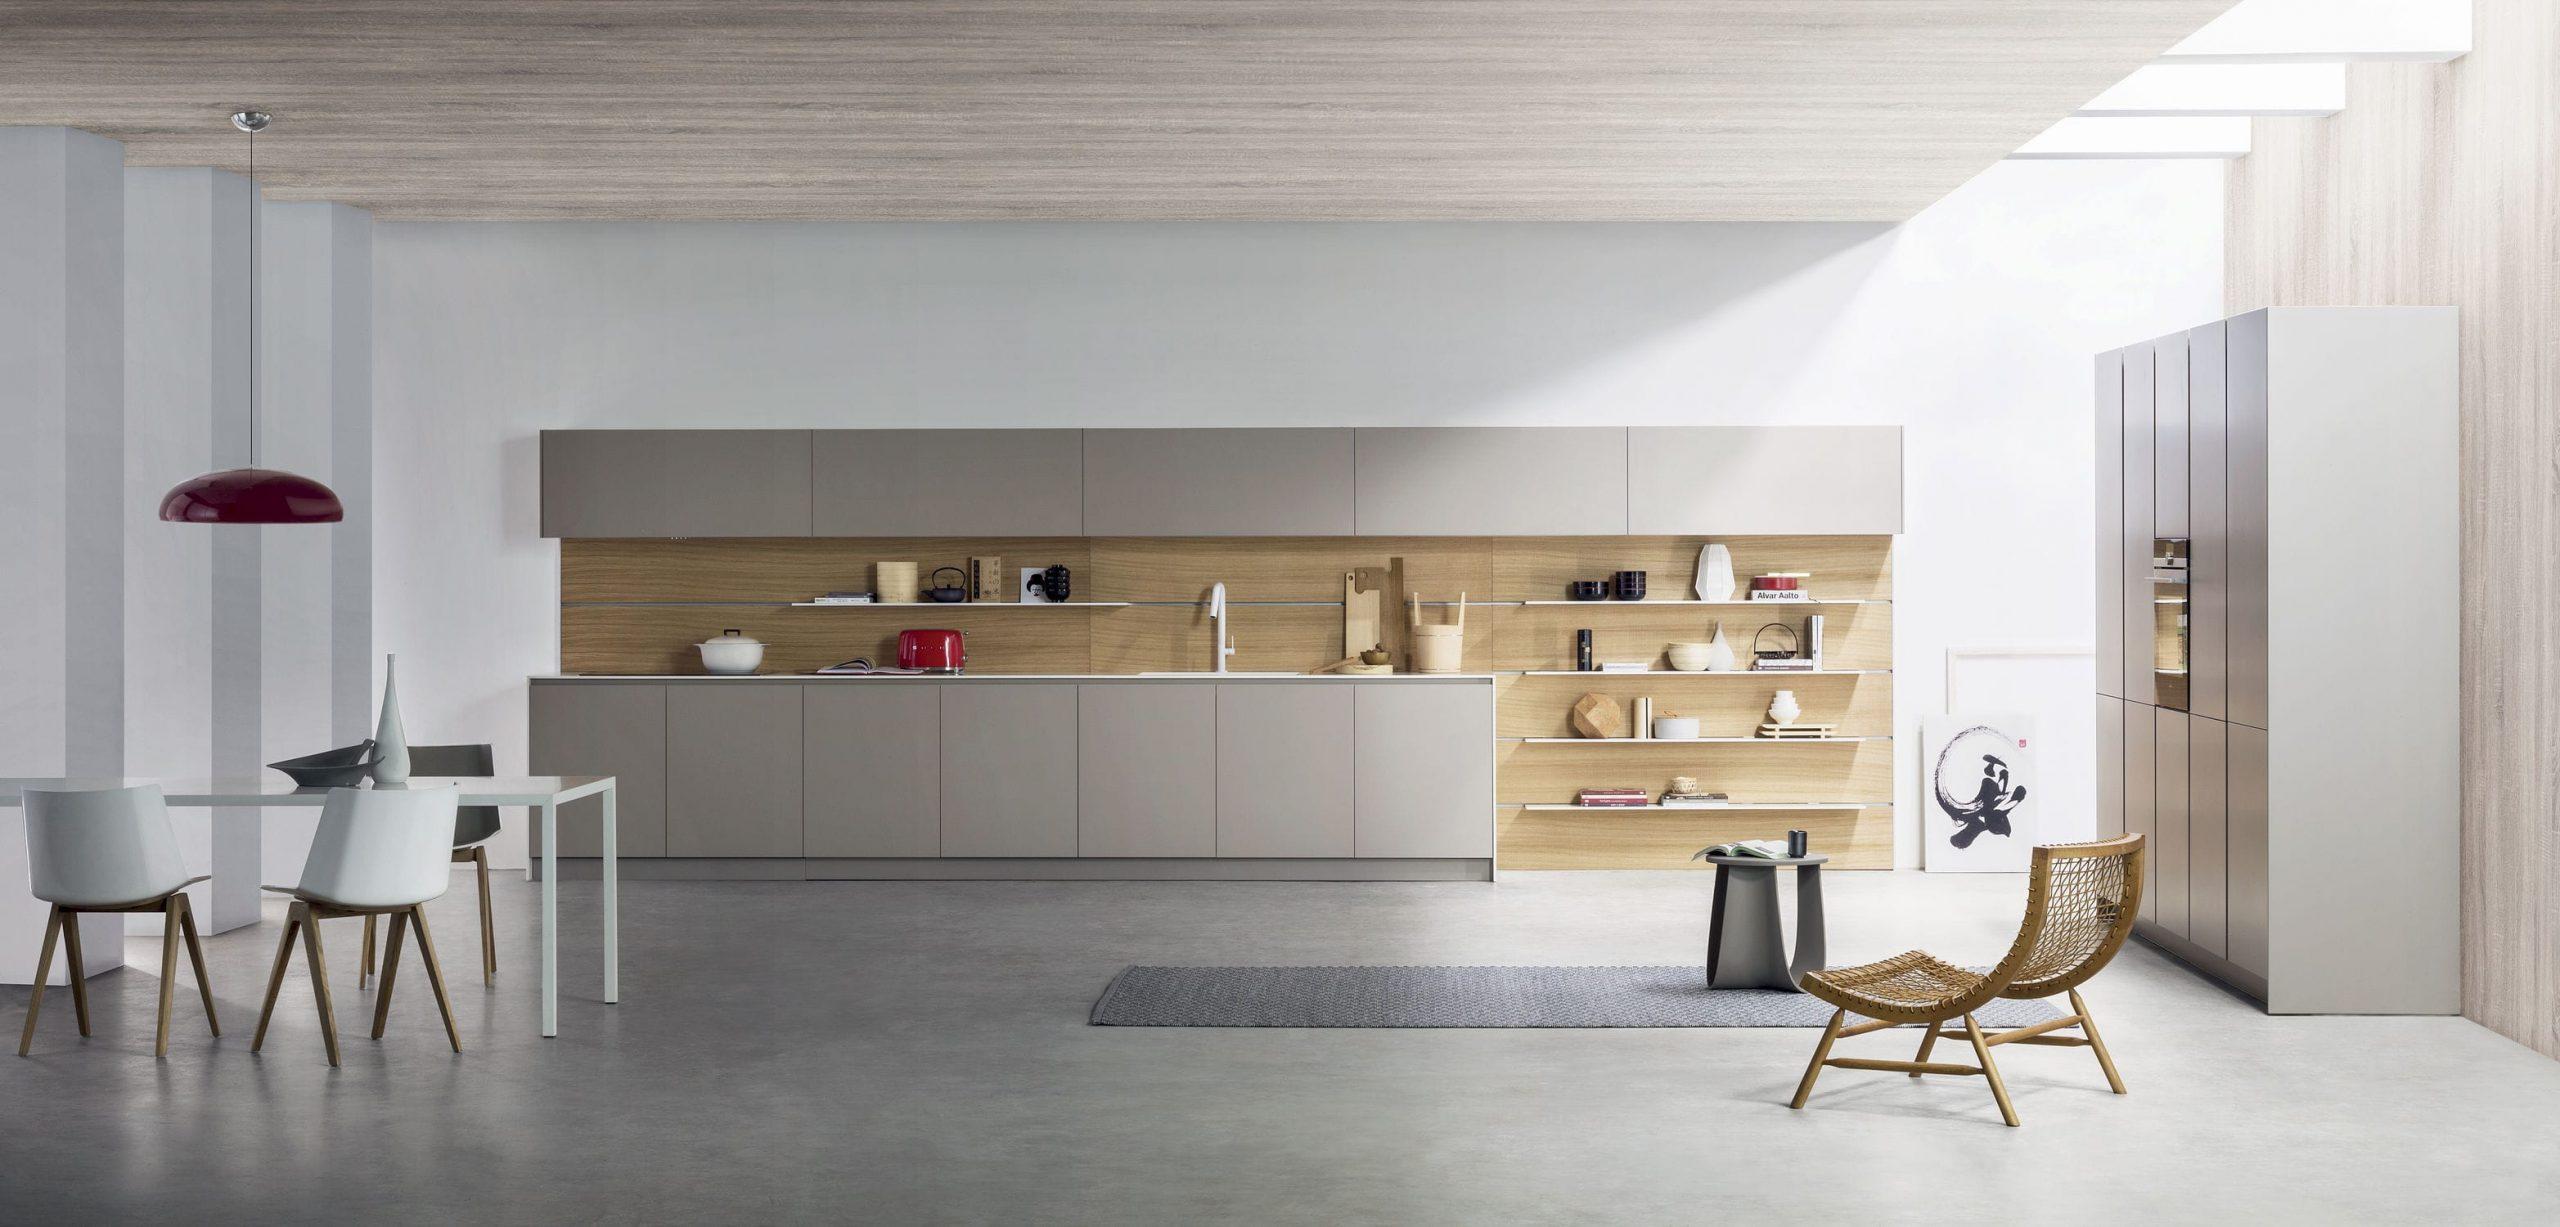 Full Size of Contemporary Kitchen / Stainless Steel / Laminate / Island Küche Laminat In Der Küche